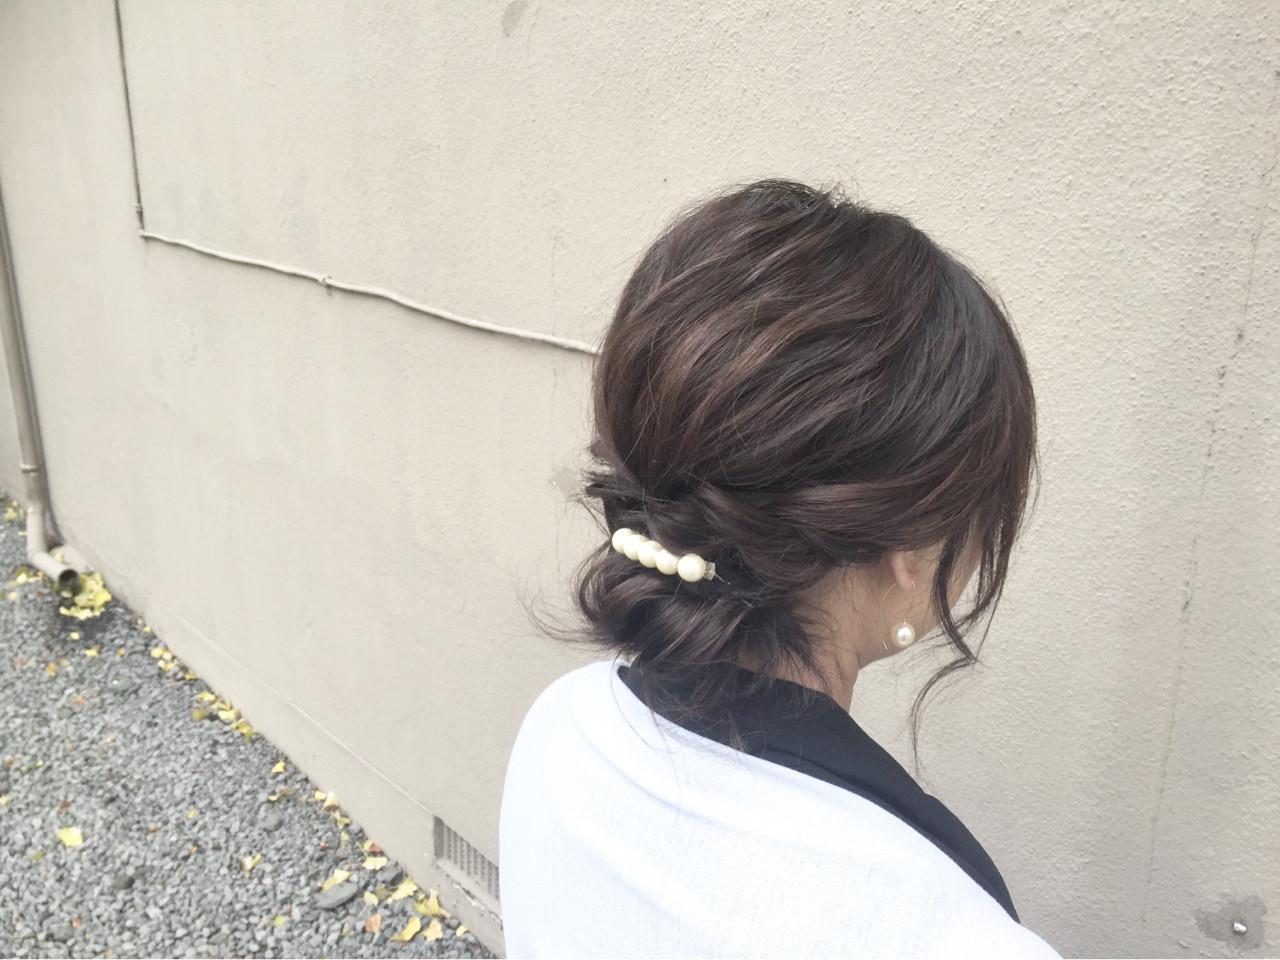 大人女子 ヘアアクセ 簡単ヘアアレンジ ショート ヘアスタイルや髪型の写真・画像